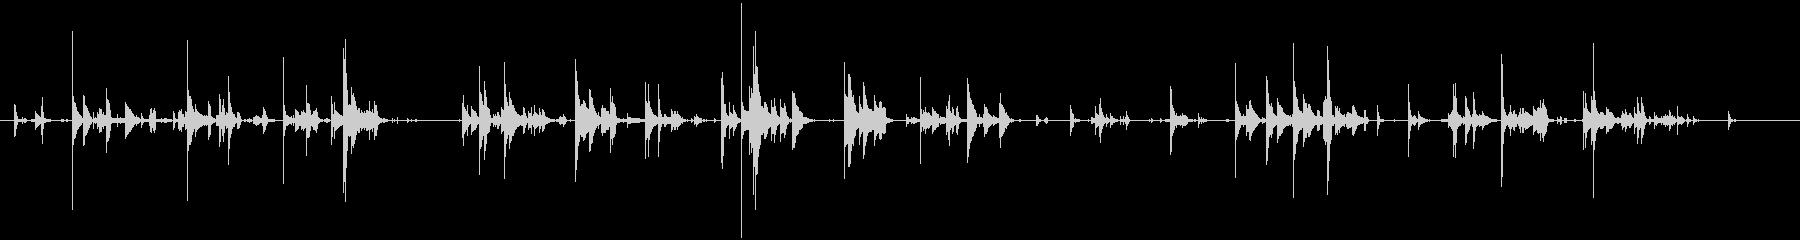 シングルジングルベルが鳴るの未再生の波形